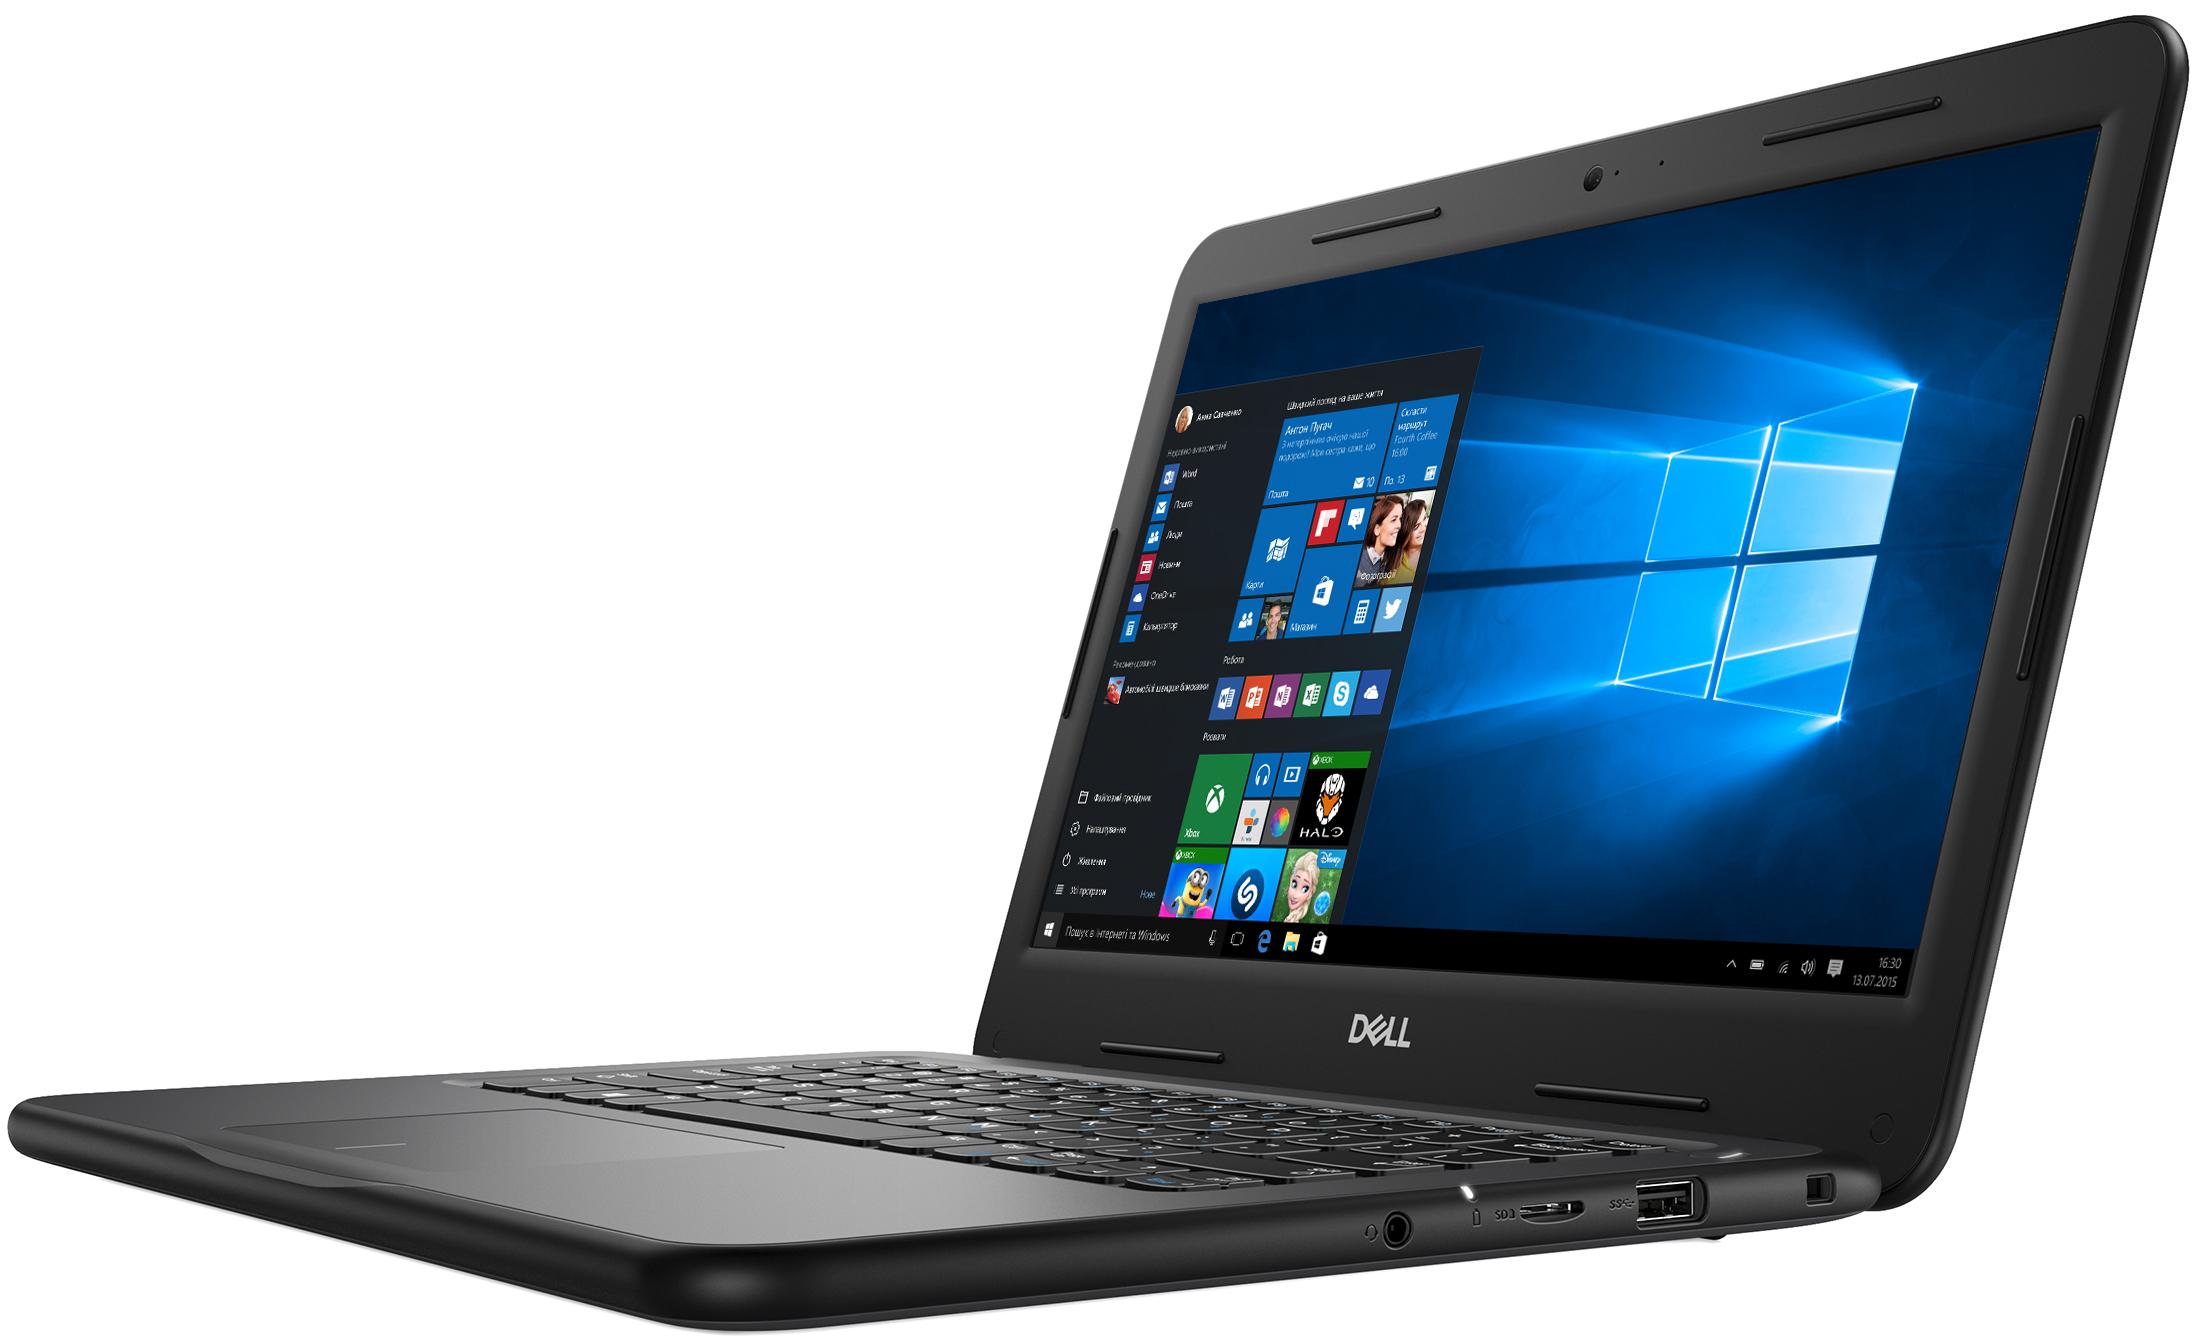 DELL Latitude 3300 Black, 13.3'' HD AG (Intel® Core™  i3-7020U, 8GB (1x8GB) DDR4 RAM, M.2 256GB 2230, Intel® HD Graphics, no OD, CardReader, BT4.2, WiFi-AC, HDMI, 3-Cell 42Whr, HD Webcam, Win10 Pro, 1,19kg)